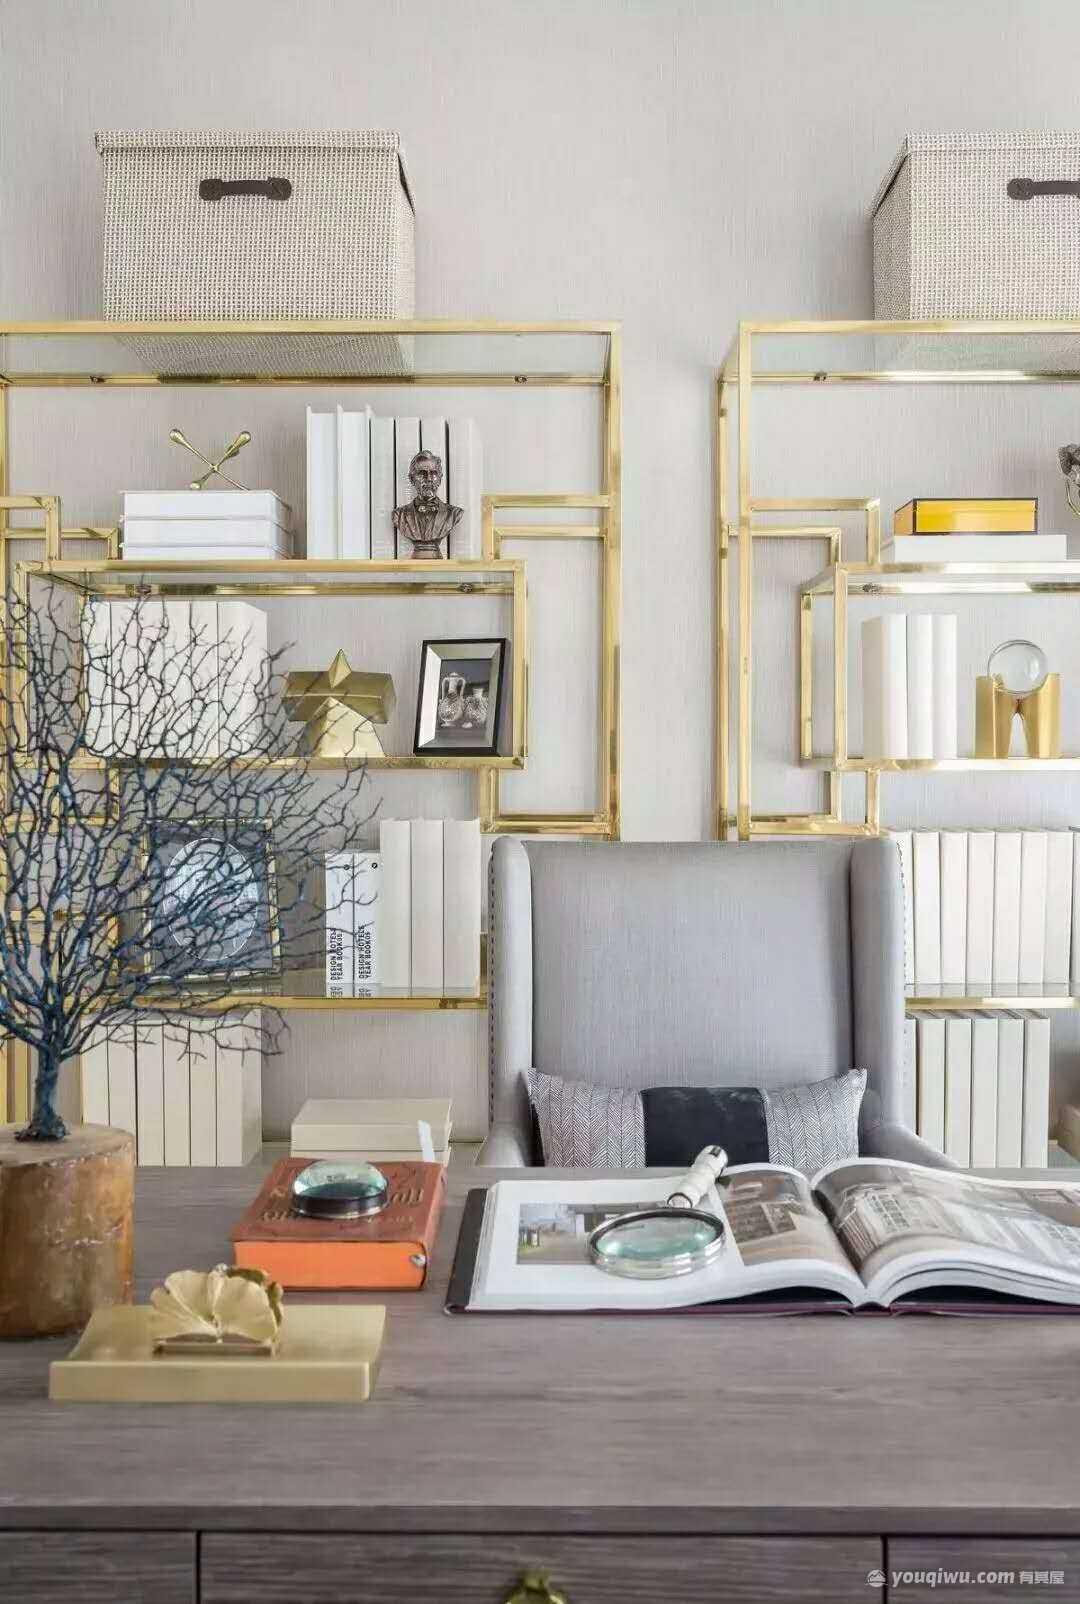 三室两厅新古典风格装修效果图—连云港金钥匙装饰设计工程有限公司